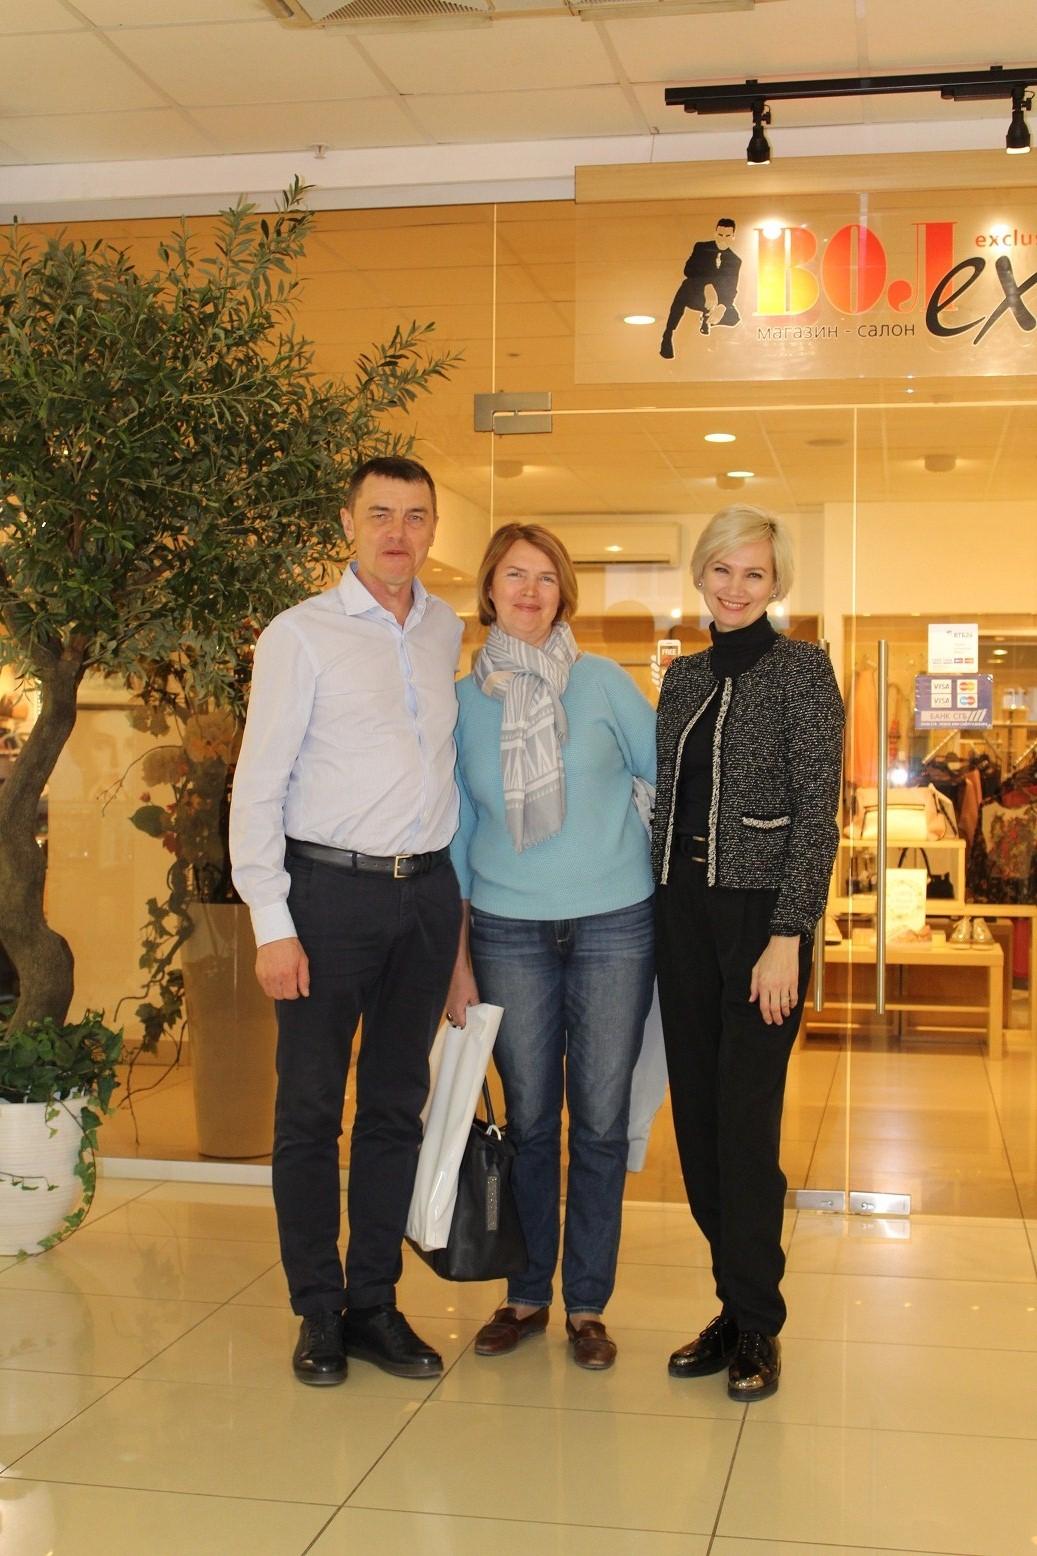 gallery_1_salonu-magazinu-voleks-23-goda-25-04-18-2